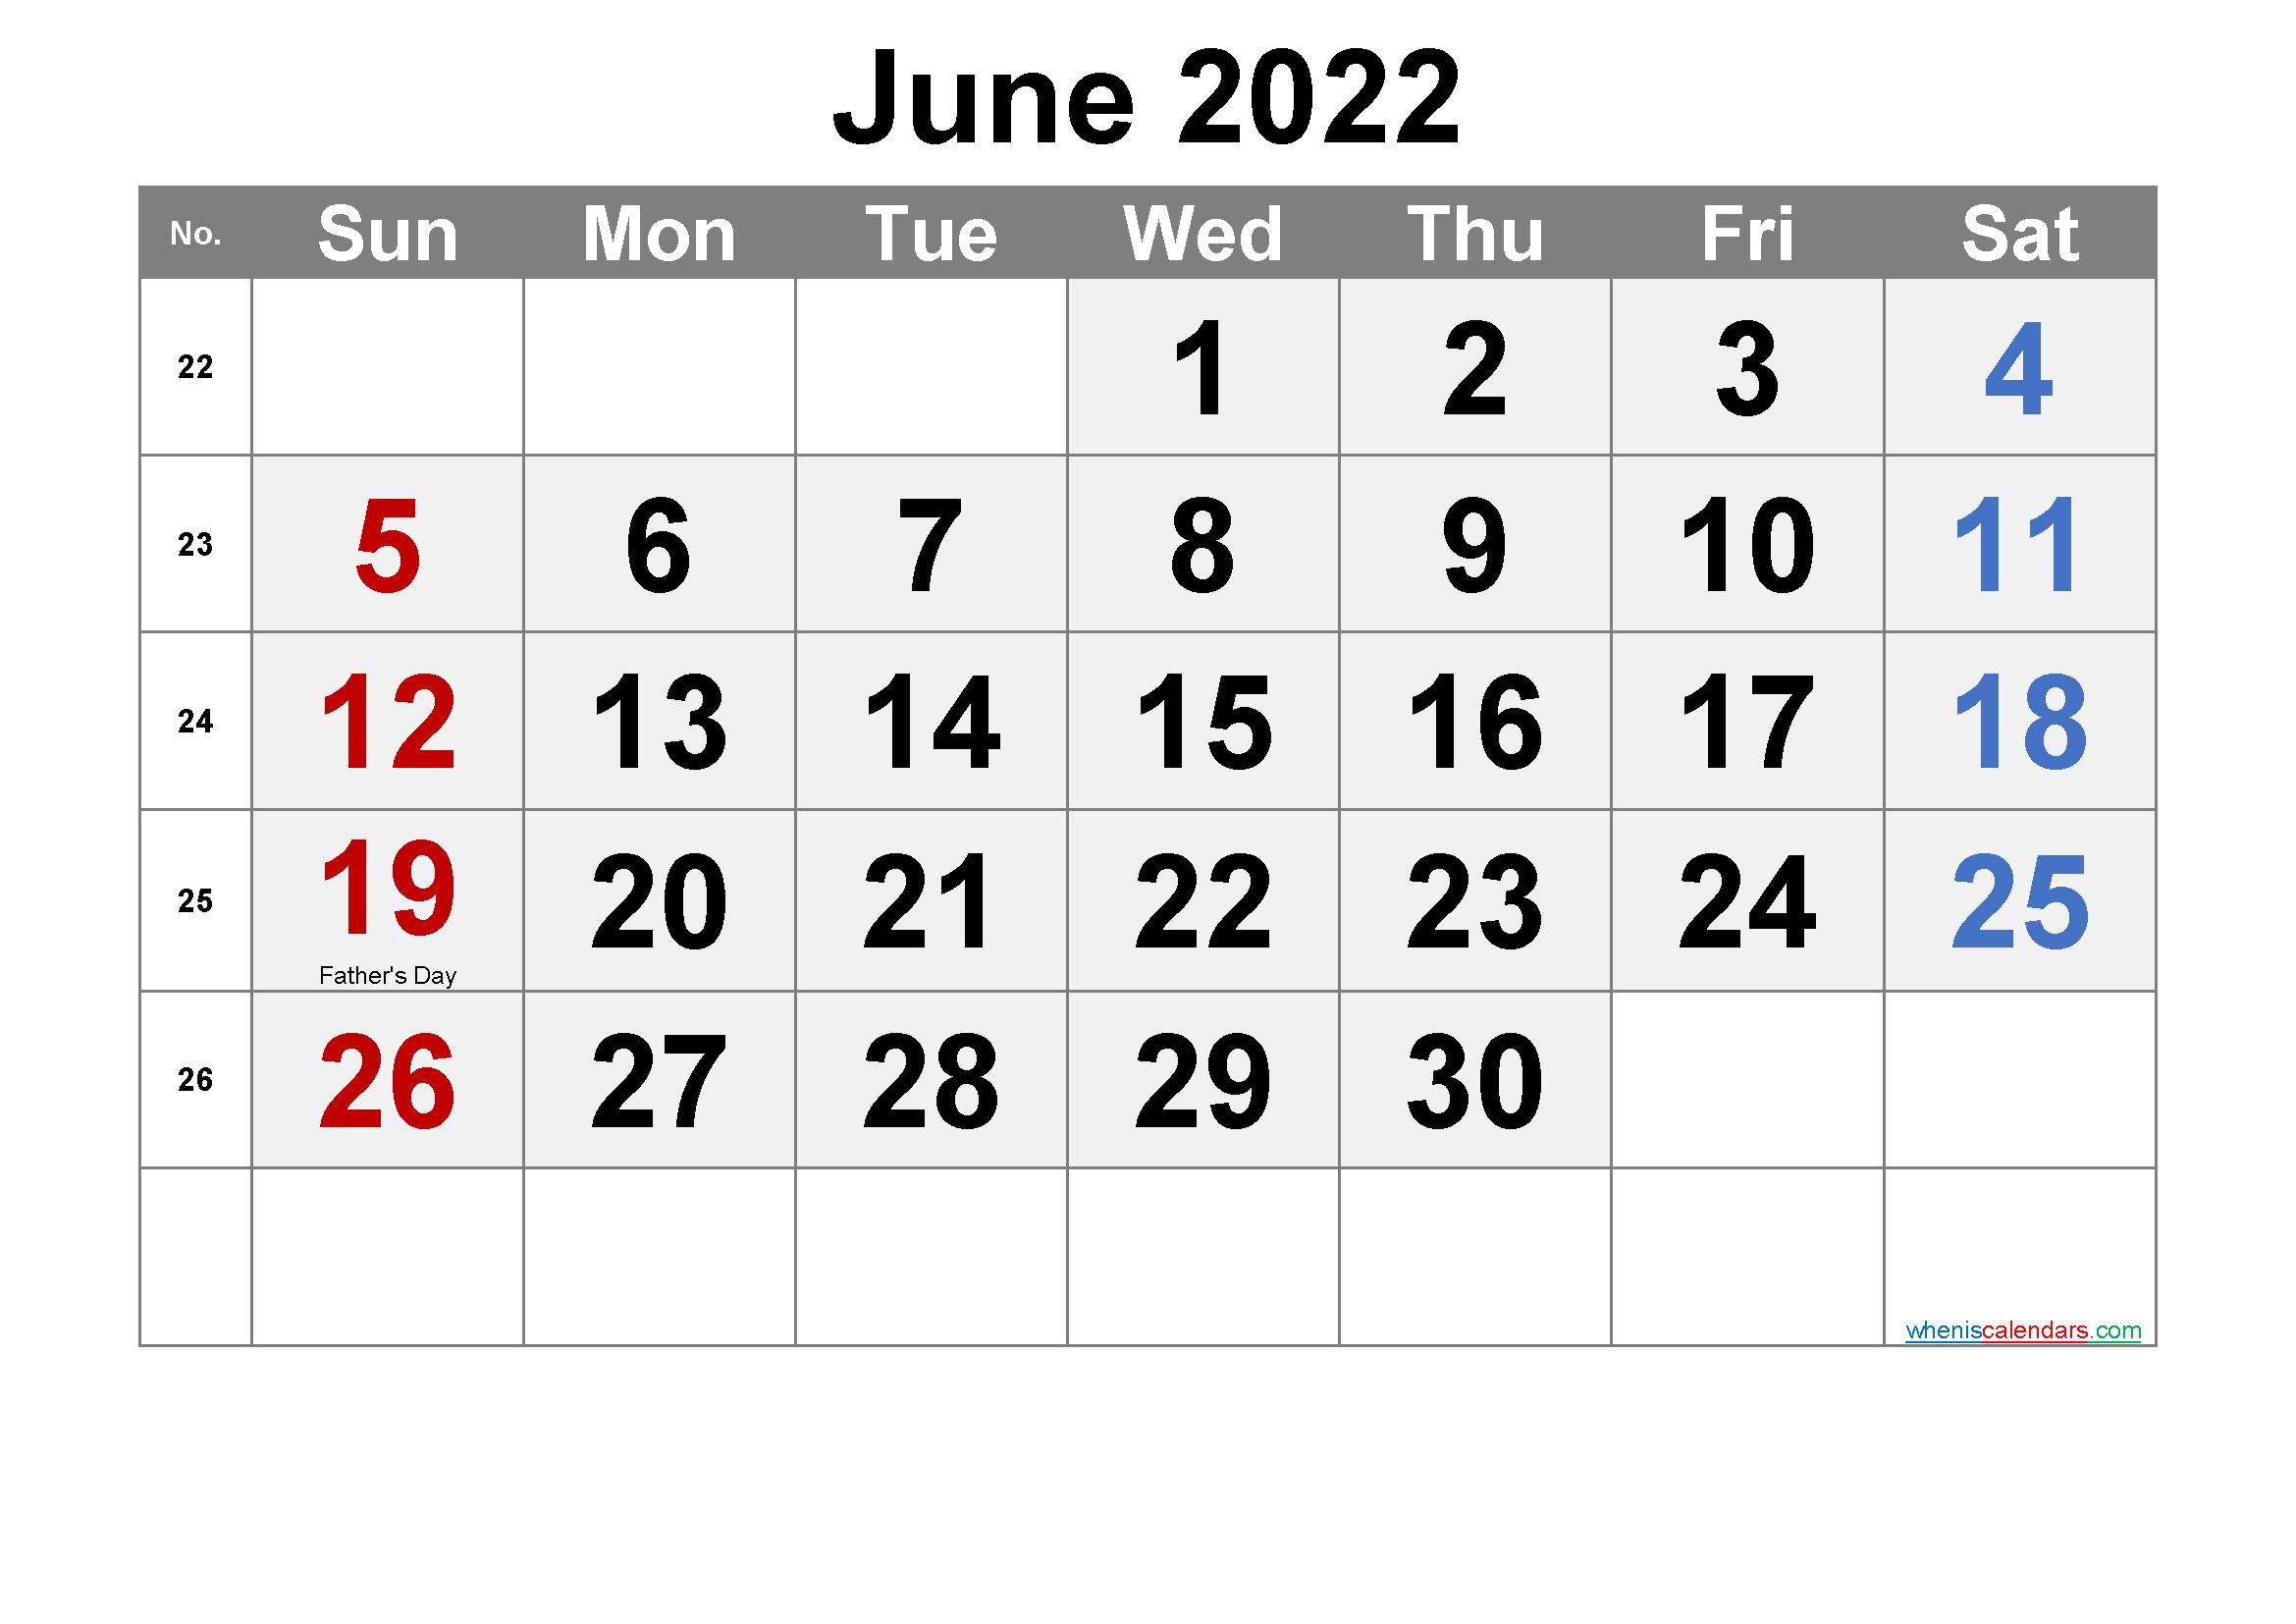 Jun 2022 Calendar.Free Printable June 2022 Calendar Pdf And Png Free Printable Calendar Printable Calendar Template Printable Calendar